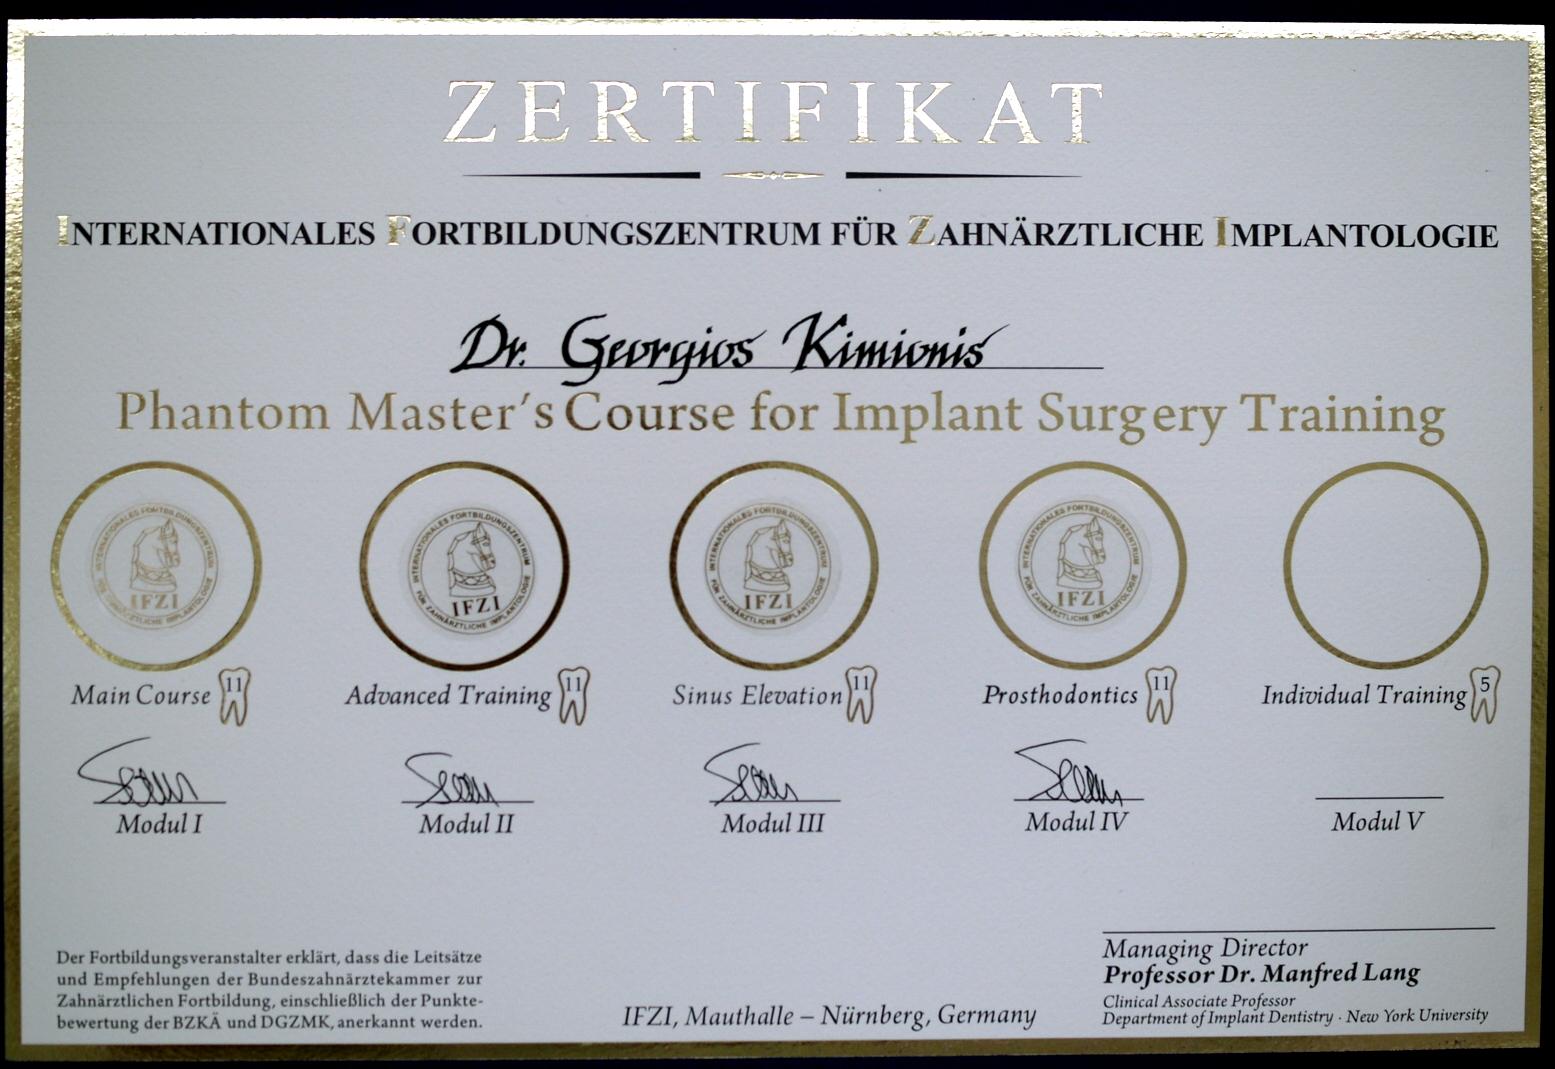 Ο Αλέξανδρος Κιμιωνής στο Phantom Master's Course for Implant Surgery Training του διεθνούς εκπαιδευτικού κέντρου εμφυτευματολογίας IFZI